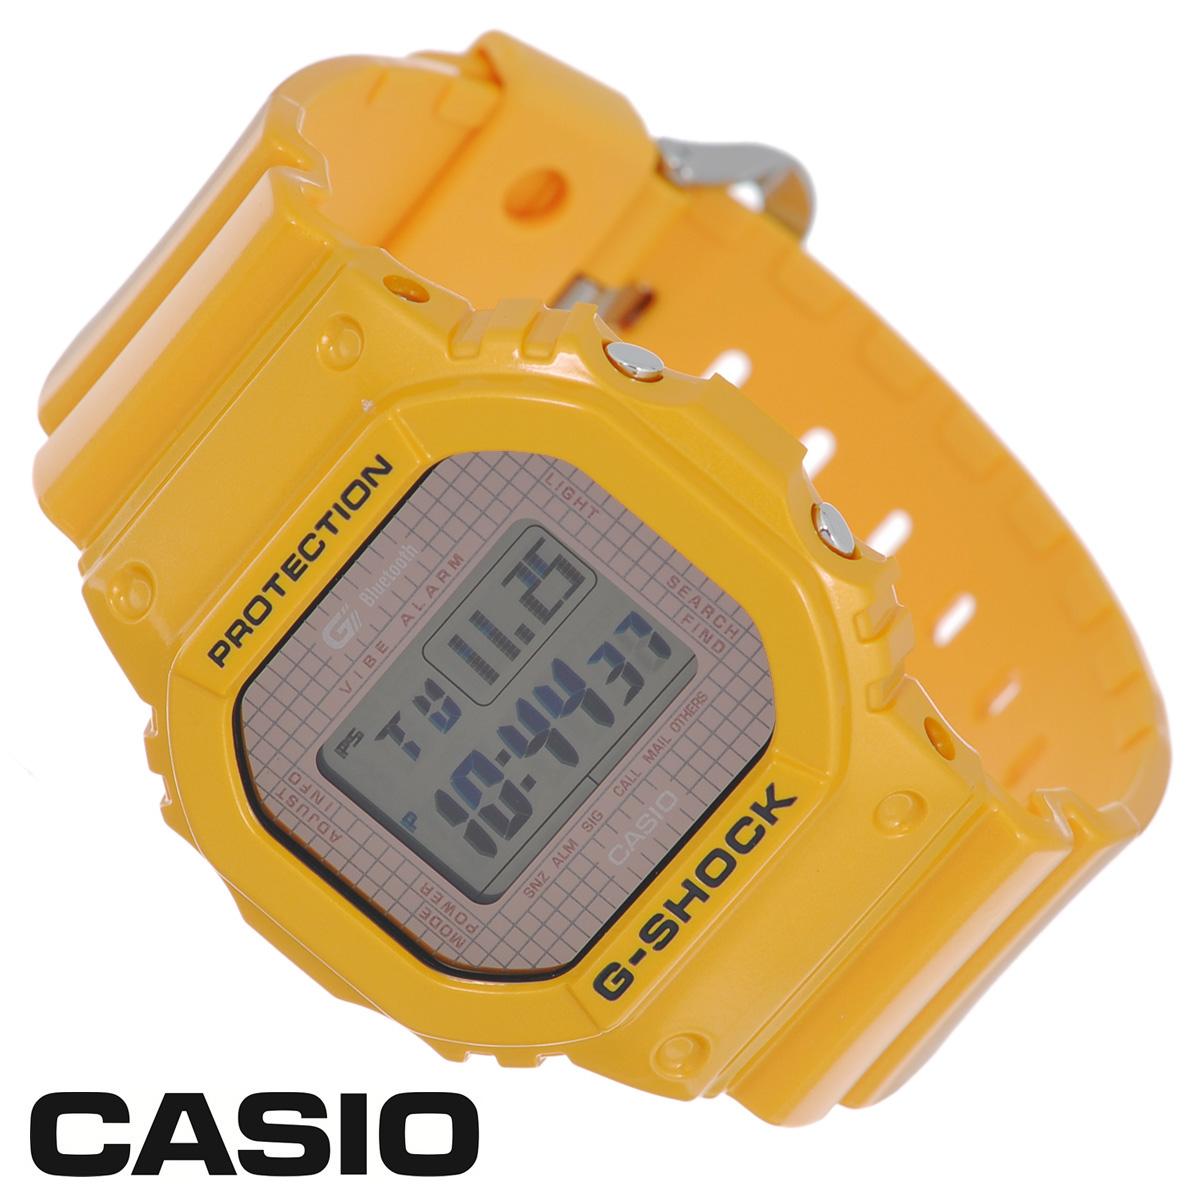 Часы мужские наручные Casio G-Shock, цвет: желтый. GB-5600B-9EGB-5600B-9EСтильные электронно-механические кварцевые часы G-Shock от японского брэнда Casio - это яркий функциональный аксессуар для современных людей, которые стремятся выделиться из толпы и подчеркнуть свою индивидуальность. Часы выполнены в спортивном стиле. Корпус имеет ударопрочную конструкцию, защищающую механизм от ударов и вибрации. ЖК-дисплей со светодиодной подсветкой защищен минеральным стеклом. Функция автоподсветки освещает циферблат при повороте часов к лицу. Ремешок из пластика имеет классическую застежку. Основные функции: - 5 будильников, один с функцией повтора сигнала (чтобы отложить пробуждение), ежечасный сигнал; - автоматический календарь (число, месяц, день недели, год); - индикатор заряда батареи; - функция автоматического сохранения энергии; - секундомер с точностью показаний 1/100 с, время измерения 1000 часов; - 12-ти и 24-х часовой формат времени; - таймер...